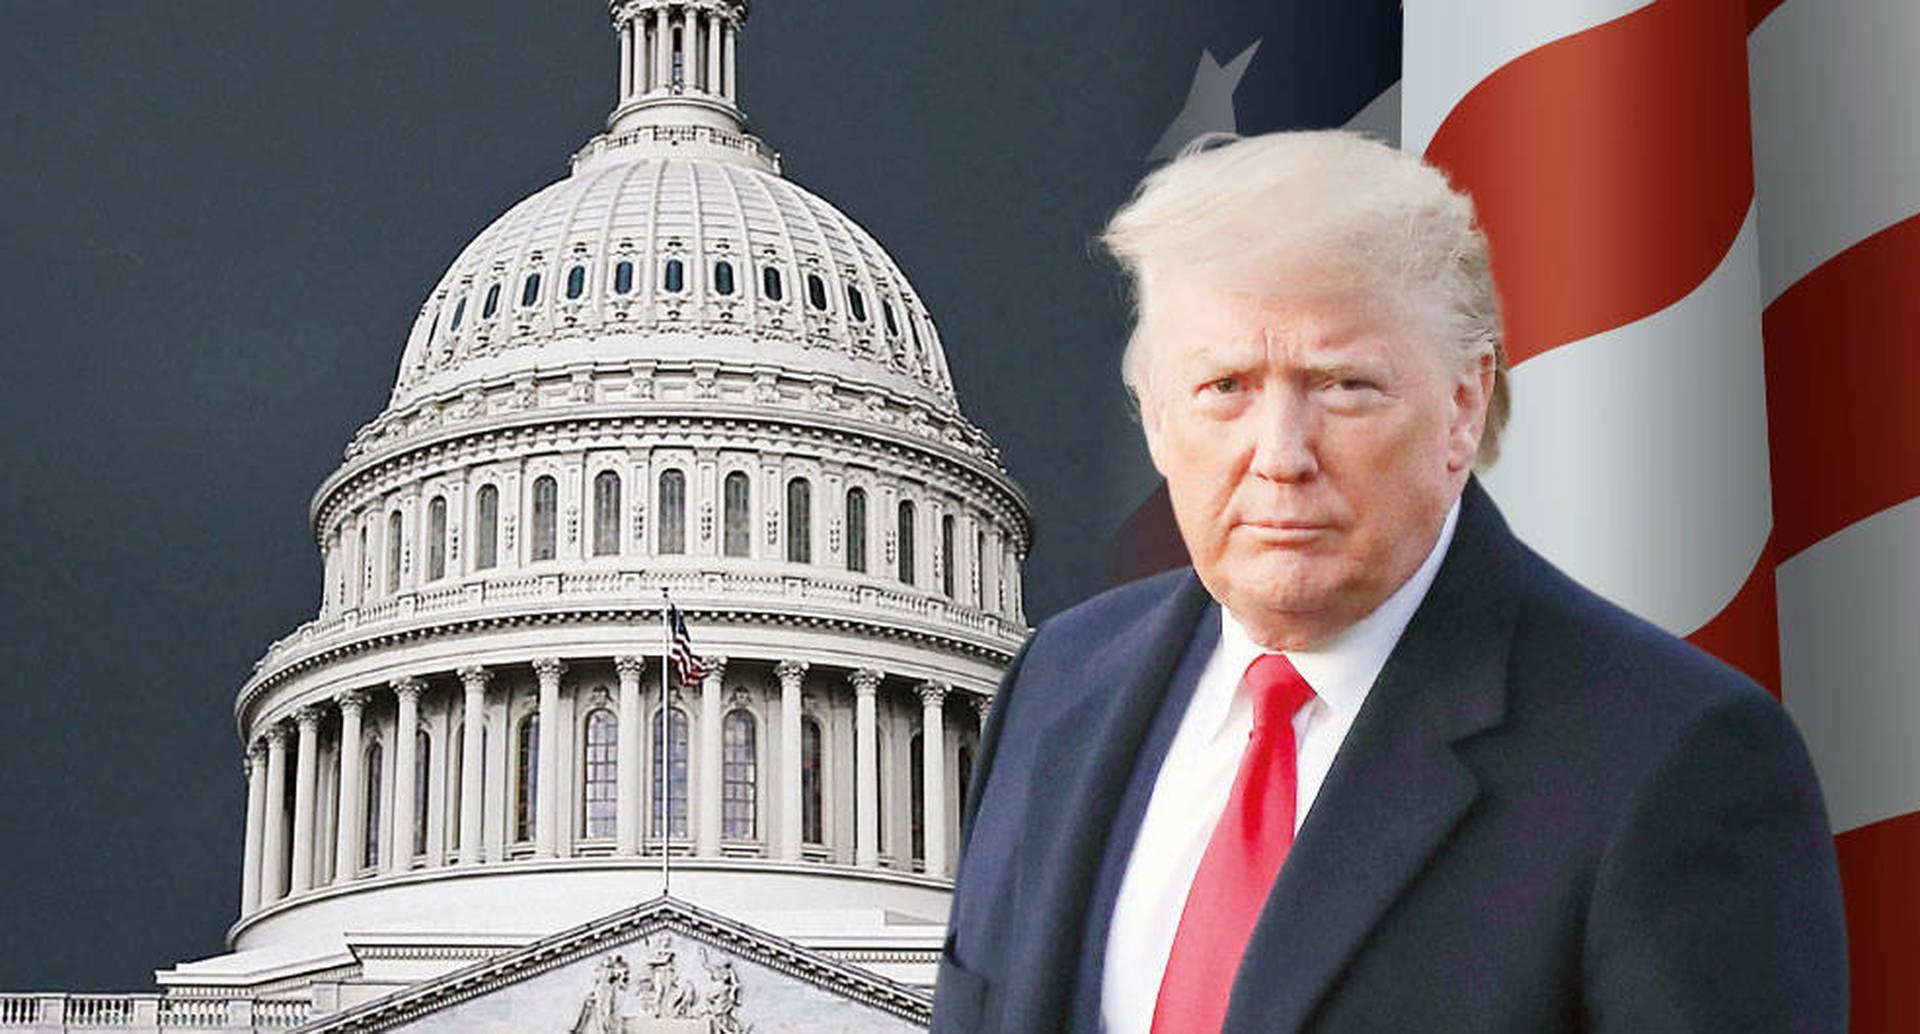 El 16 de enero comenzó el juicio político contra Donald Trump en el Senado.